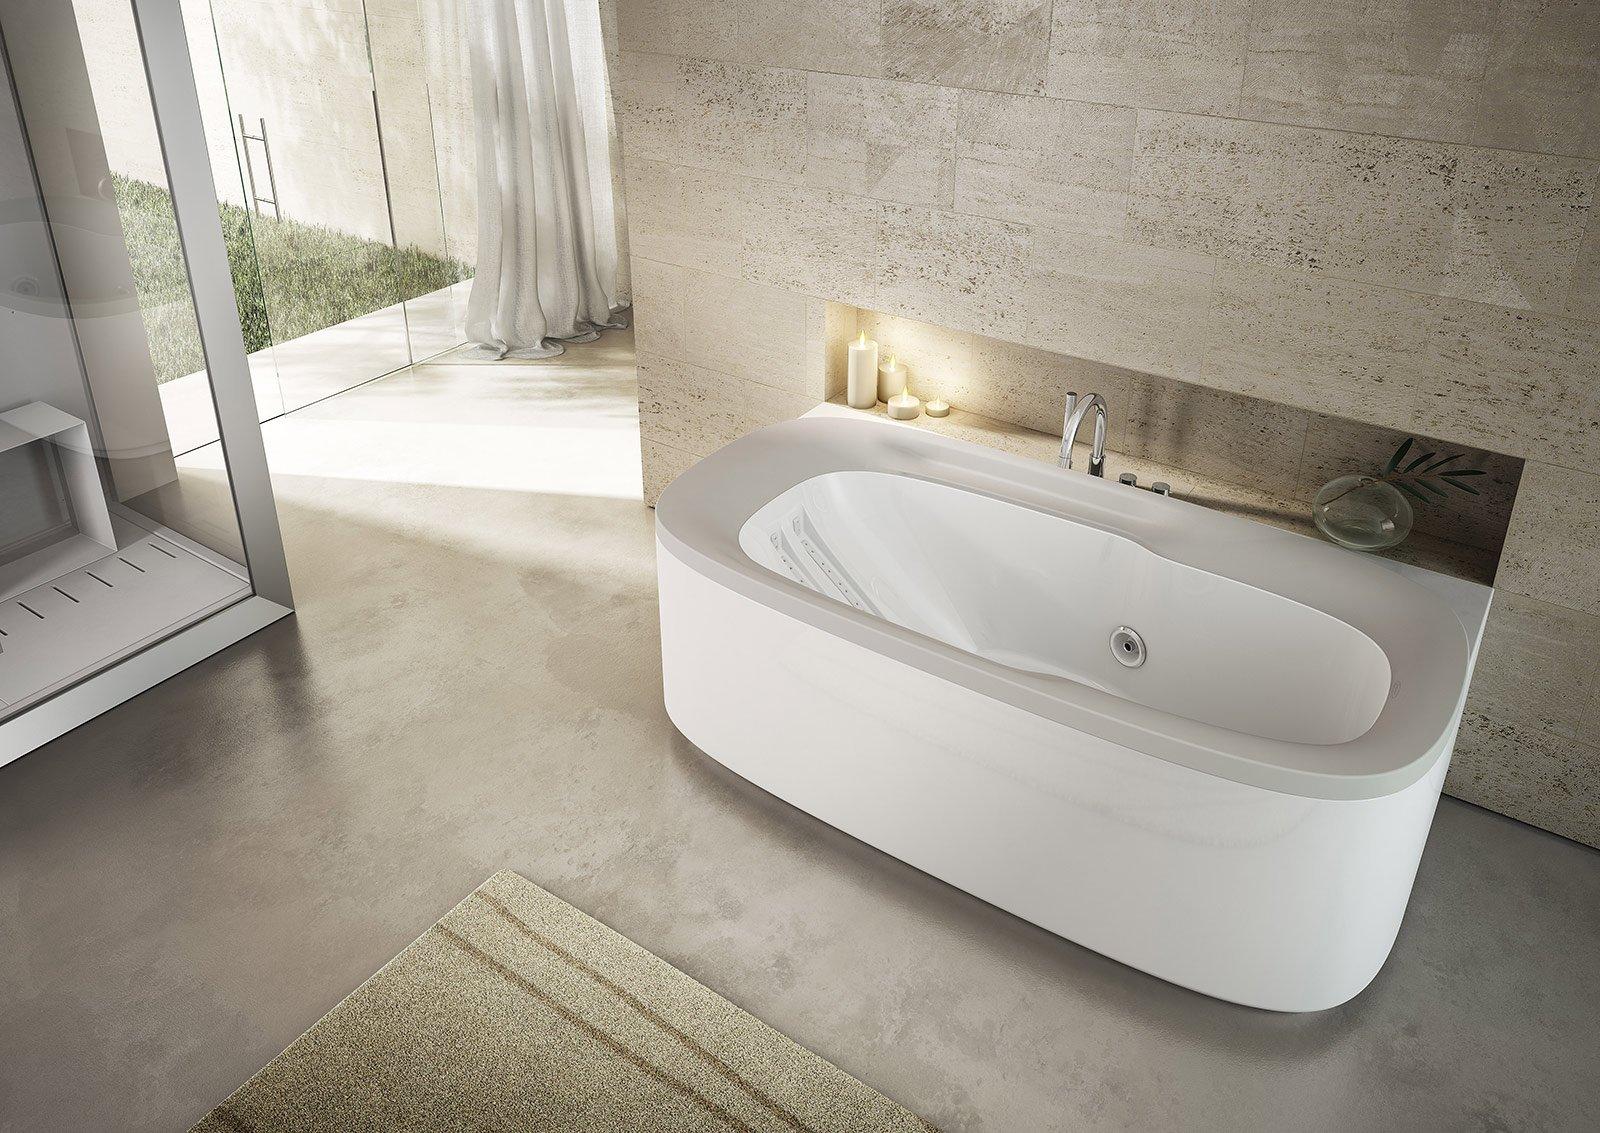 Vasca Da Bagno On Tumblr : Vasche idromassaggio vasche vasca idromassaggio doppia bagno